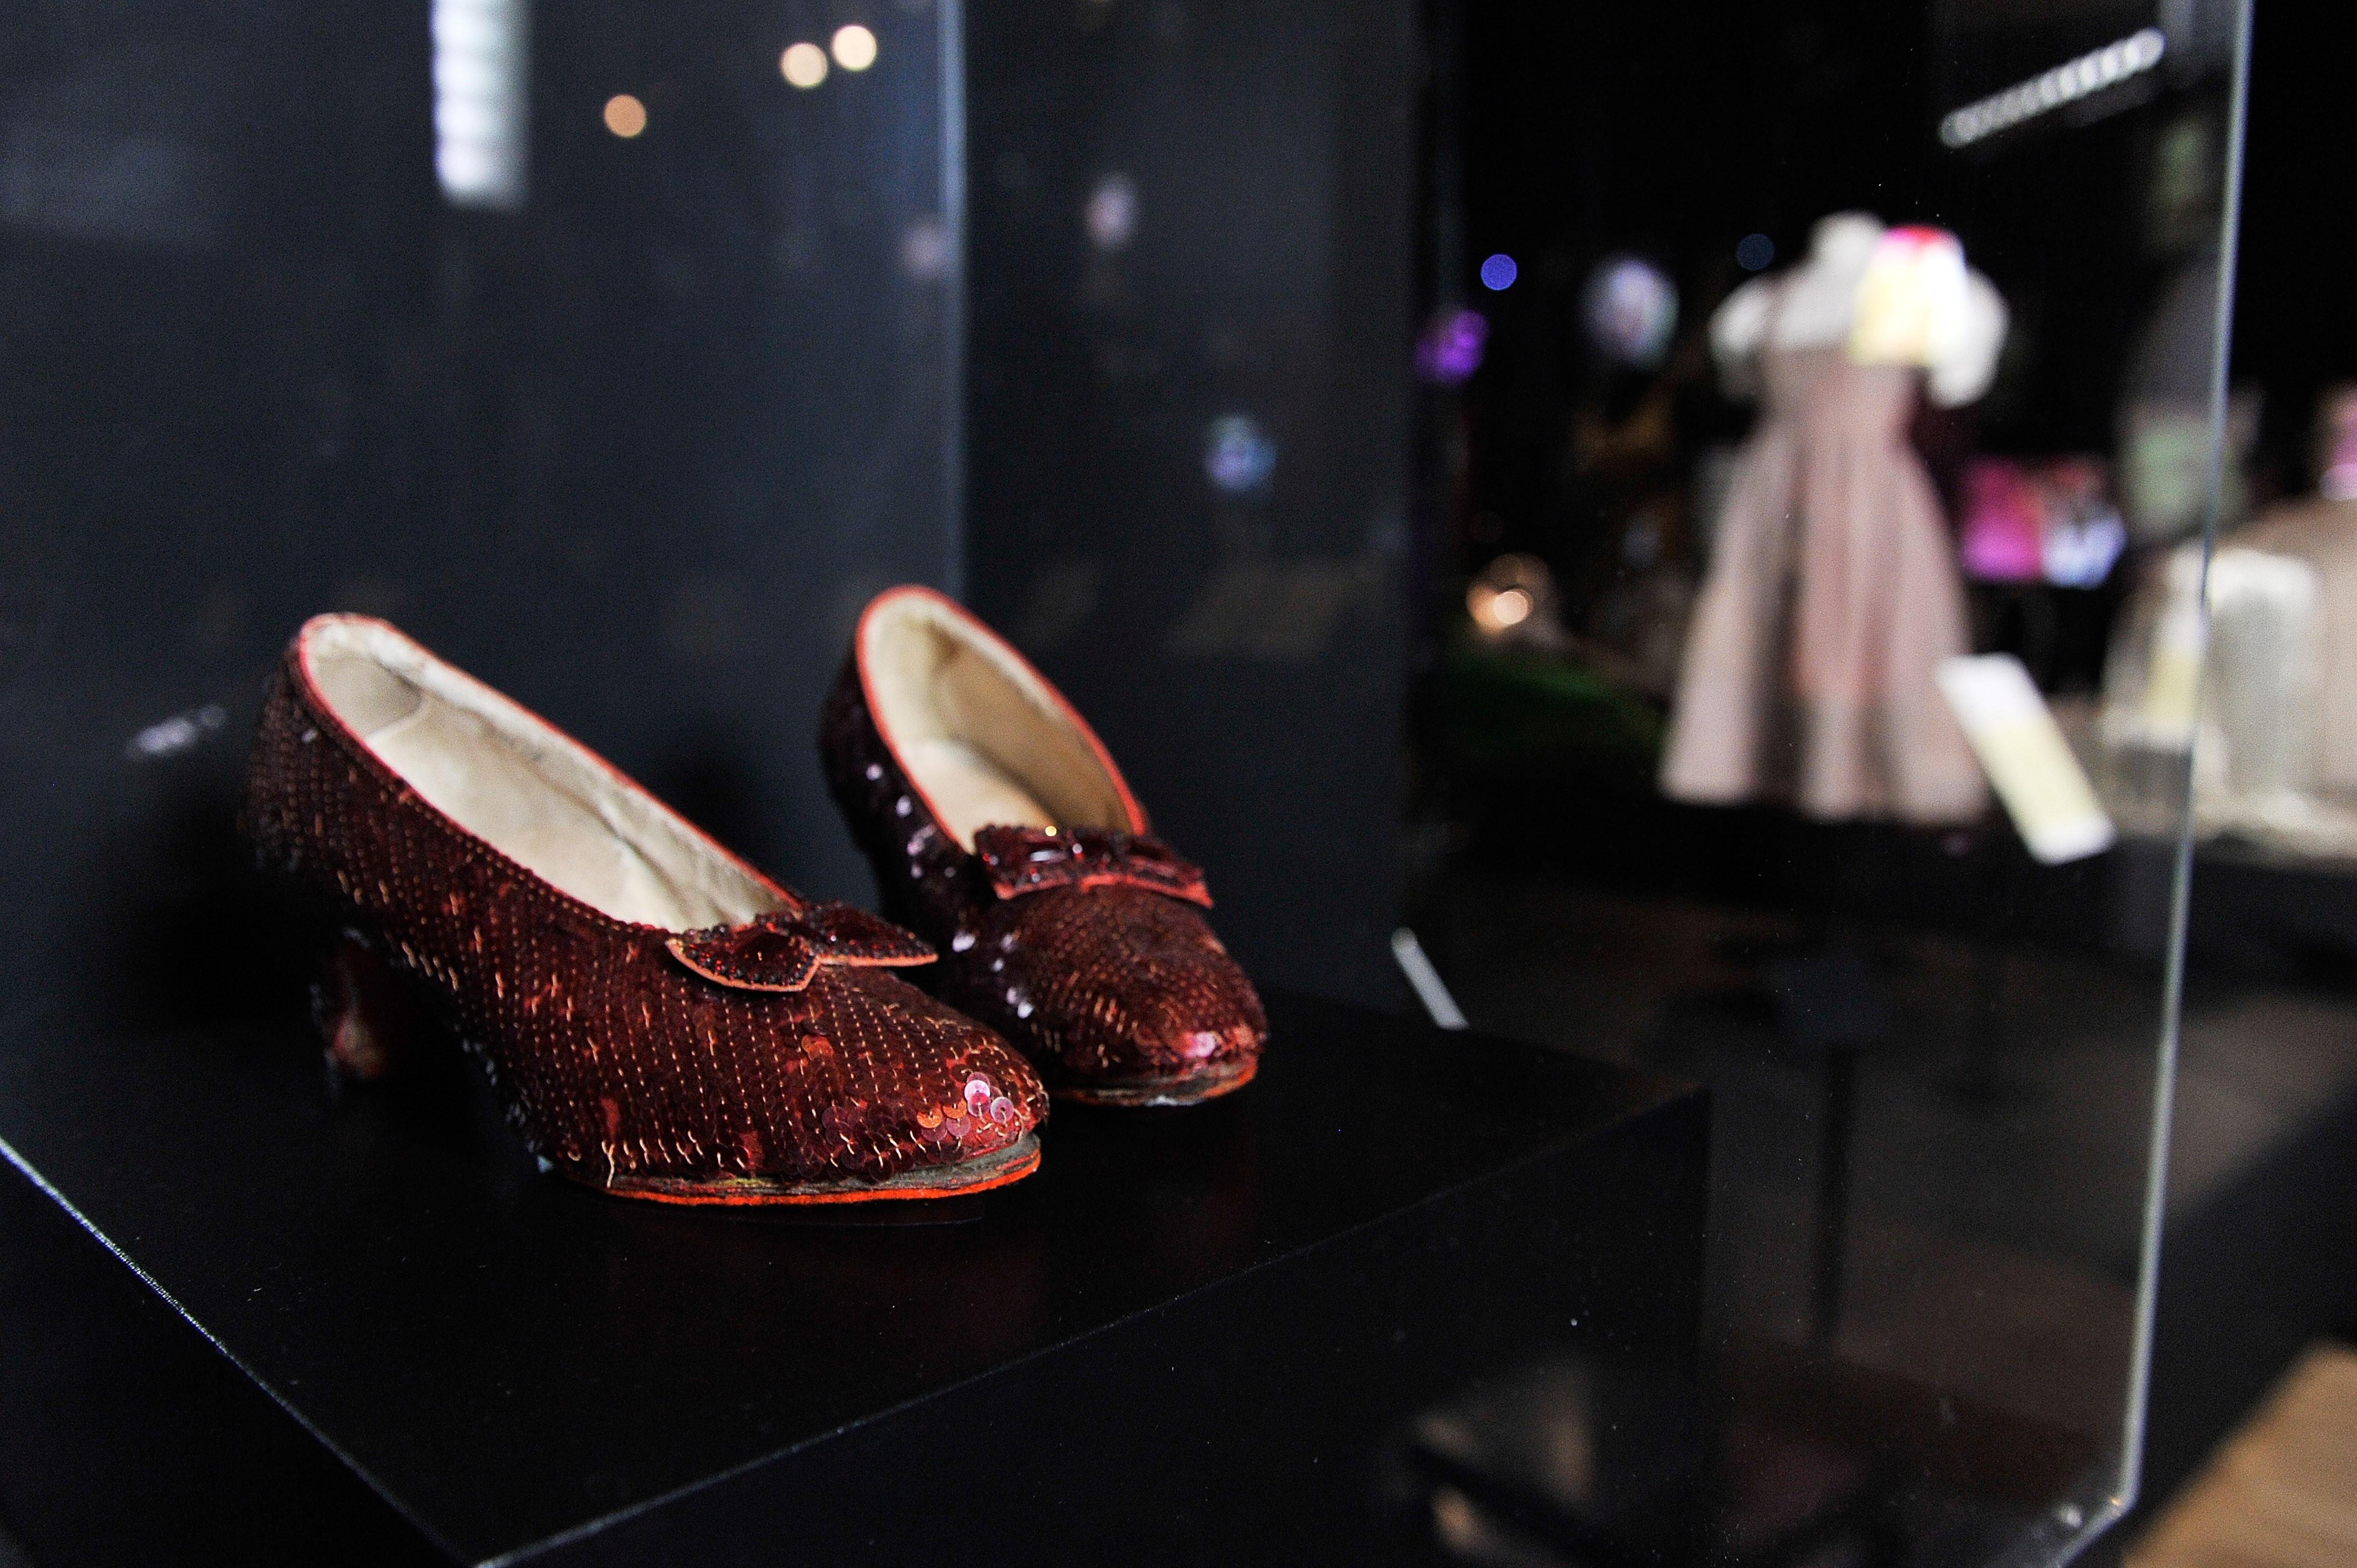 """Sapatos de Dorothy em """"O Mágico de Oz"""" foram encontrados após terem sidos roubados de exposição (Foto: Getty Images)"""